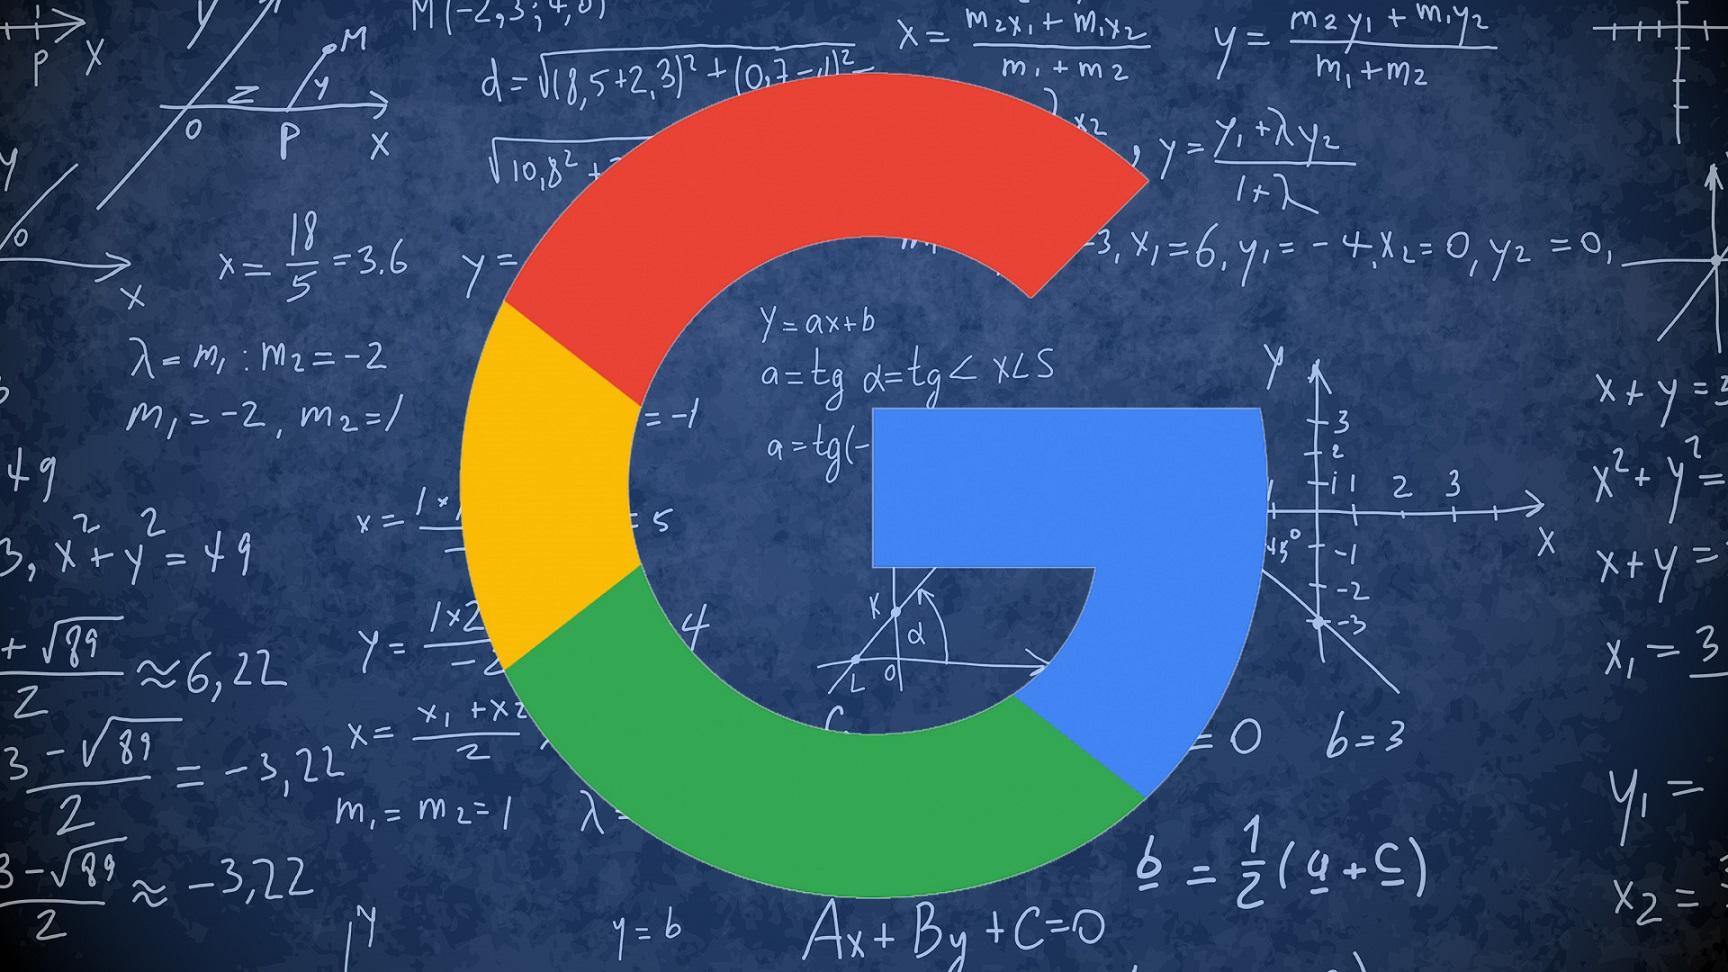 Szybkie strony będą lepiej promowane w wynikach wyszukiwania Google na urządzeniach mobilnych